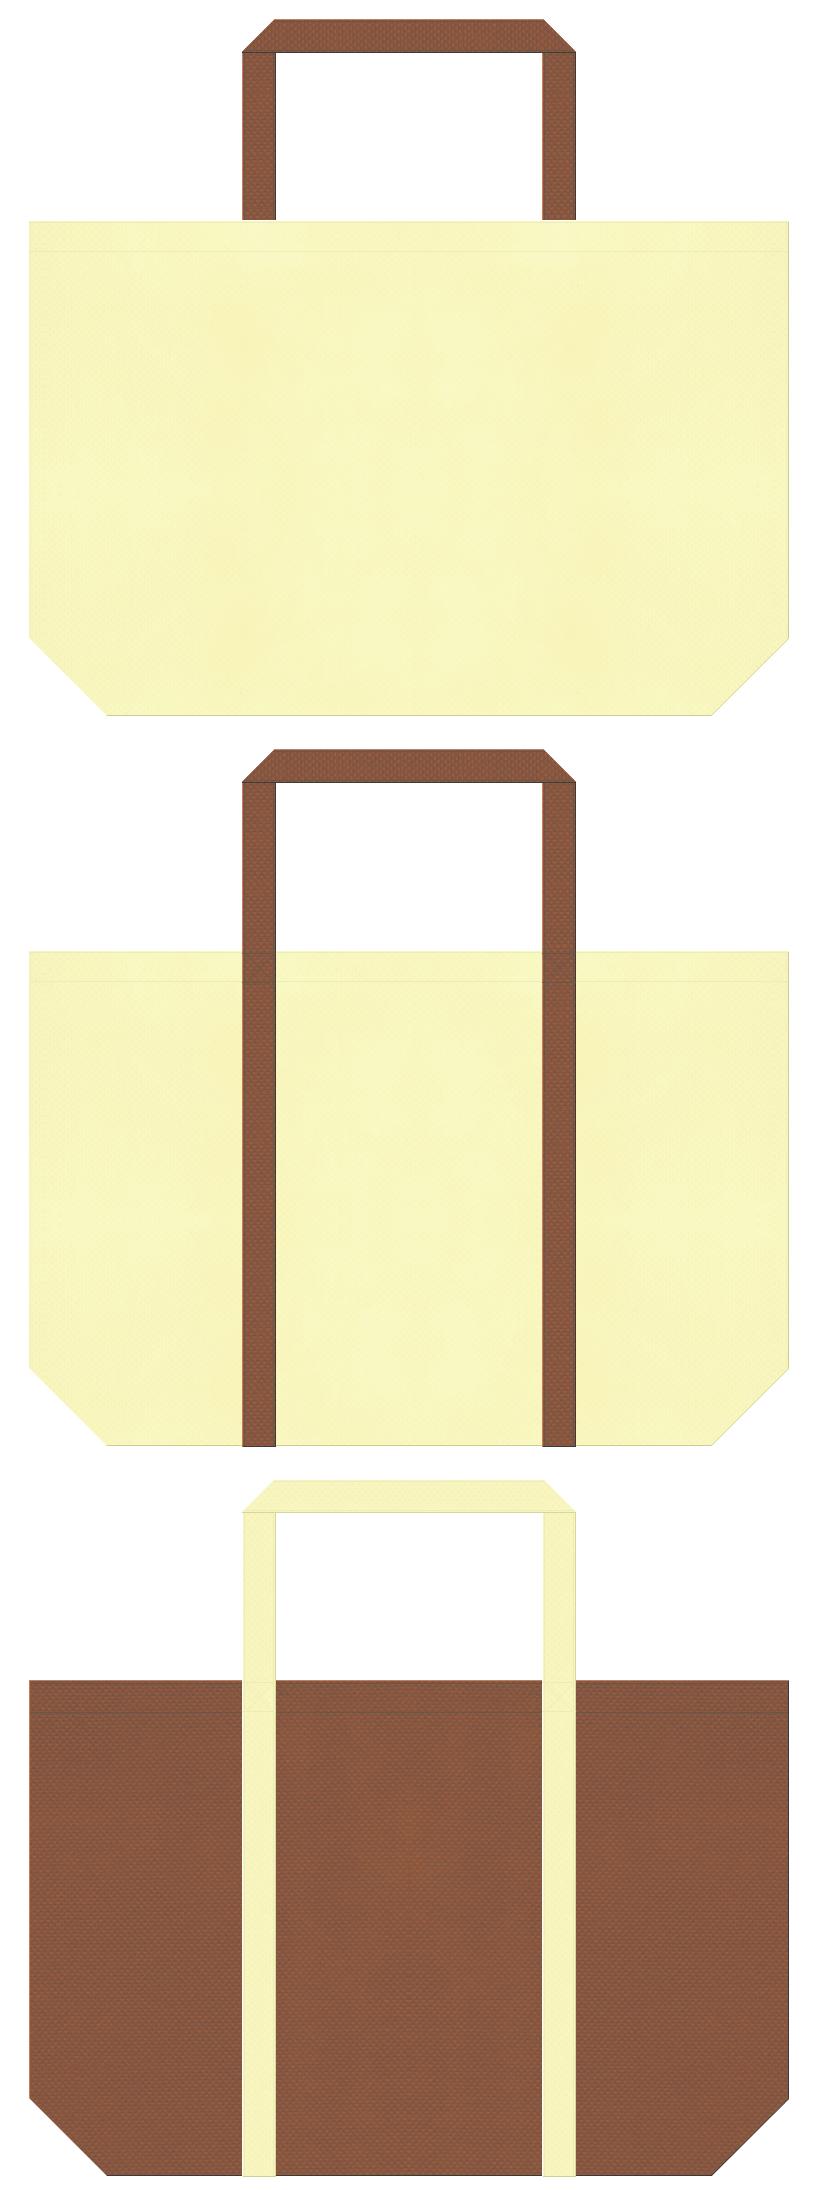 薄黄色と茶色の不織布マイバッグデザイン。ベーカリーのショッピングバッグにお奨めです。クリームパン・プリン風の配色。